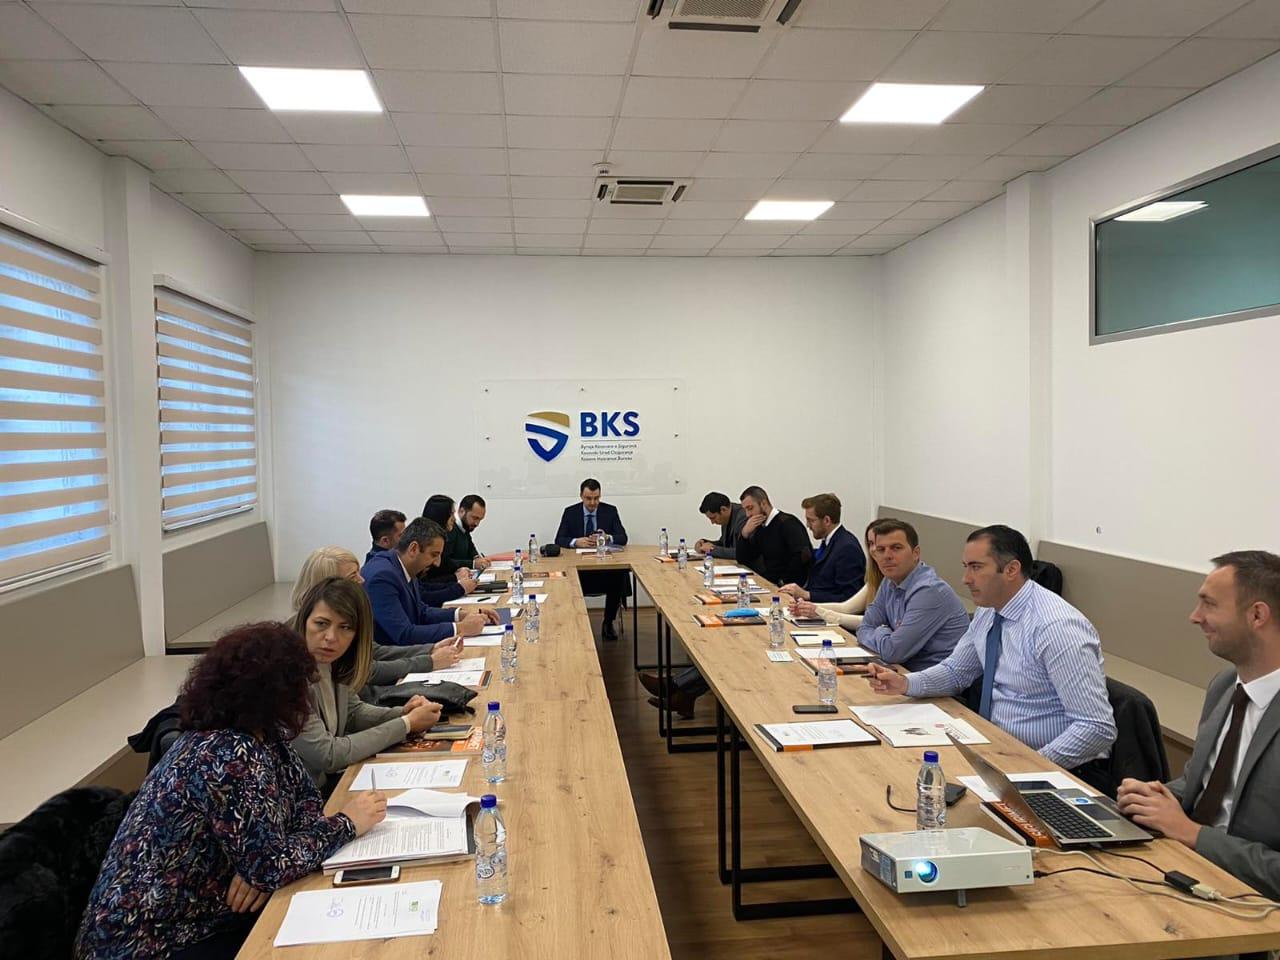 Mazreku takoi drejtorët ligjor dhe përfaqësuesit e kompanive të sigurimit